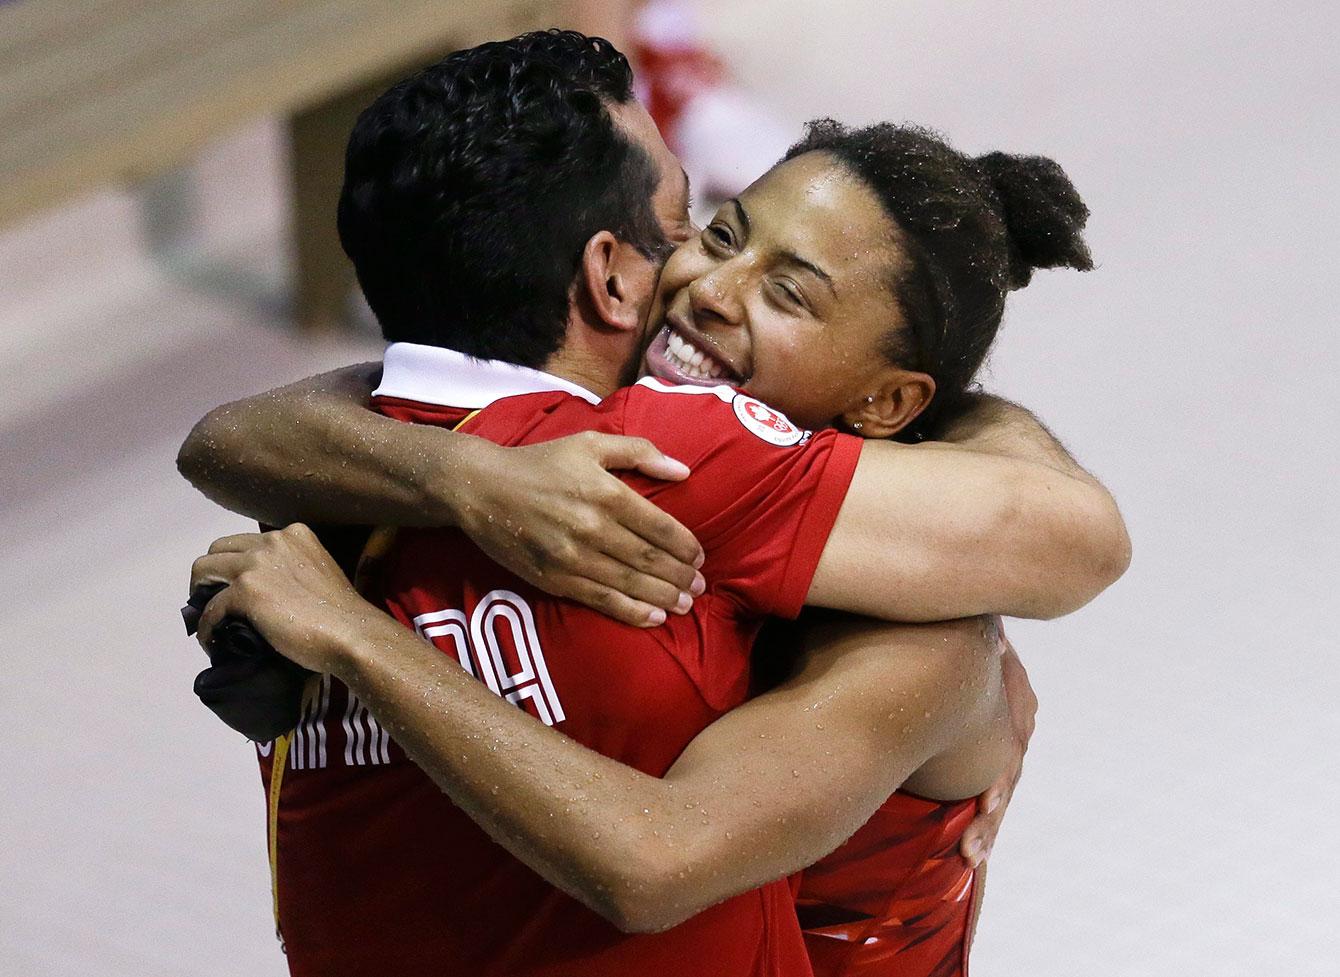 Jennifer Abel hugs coach Arturo Miranda after winning 3m gold at TO2015.